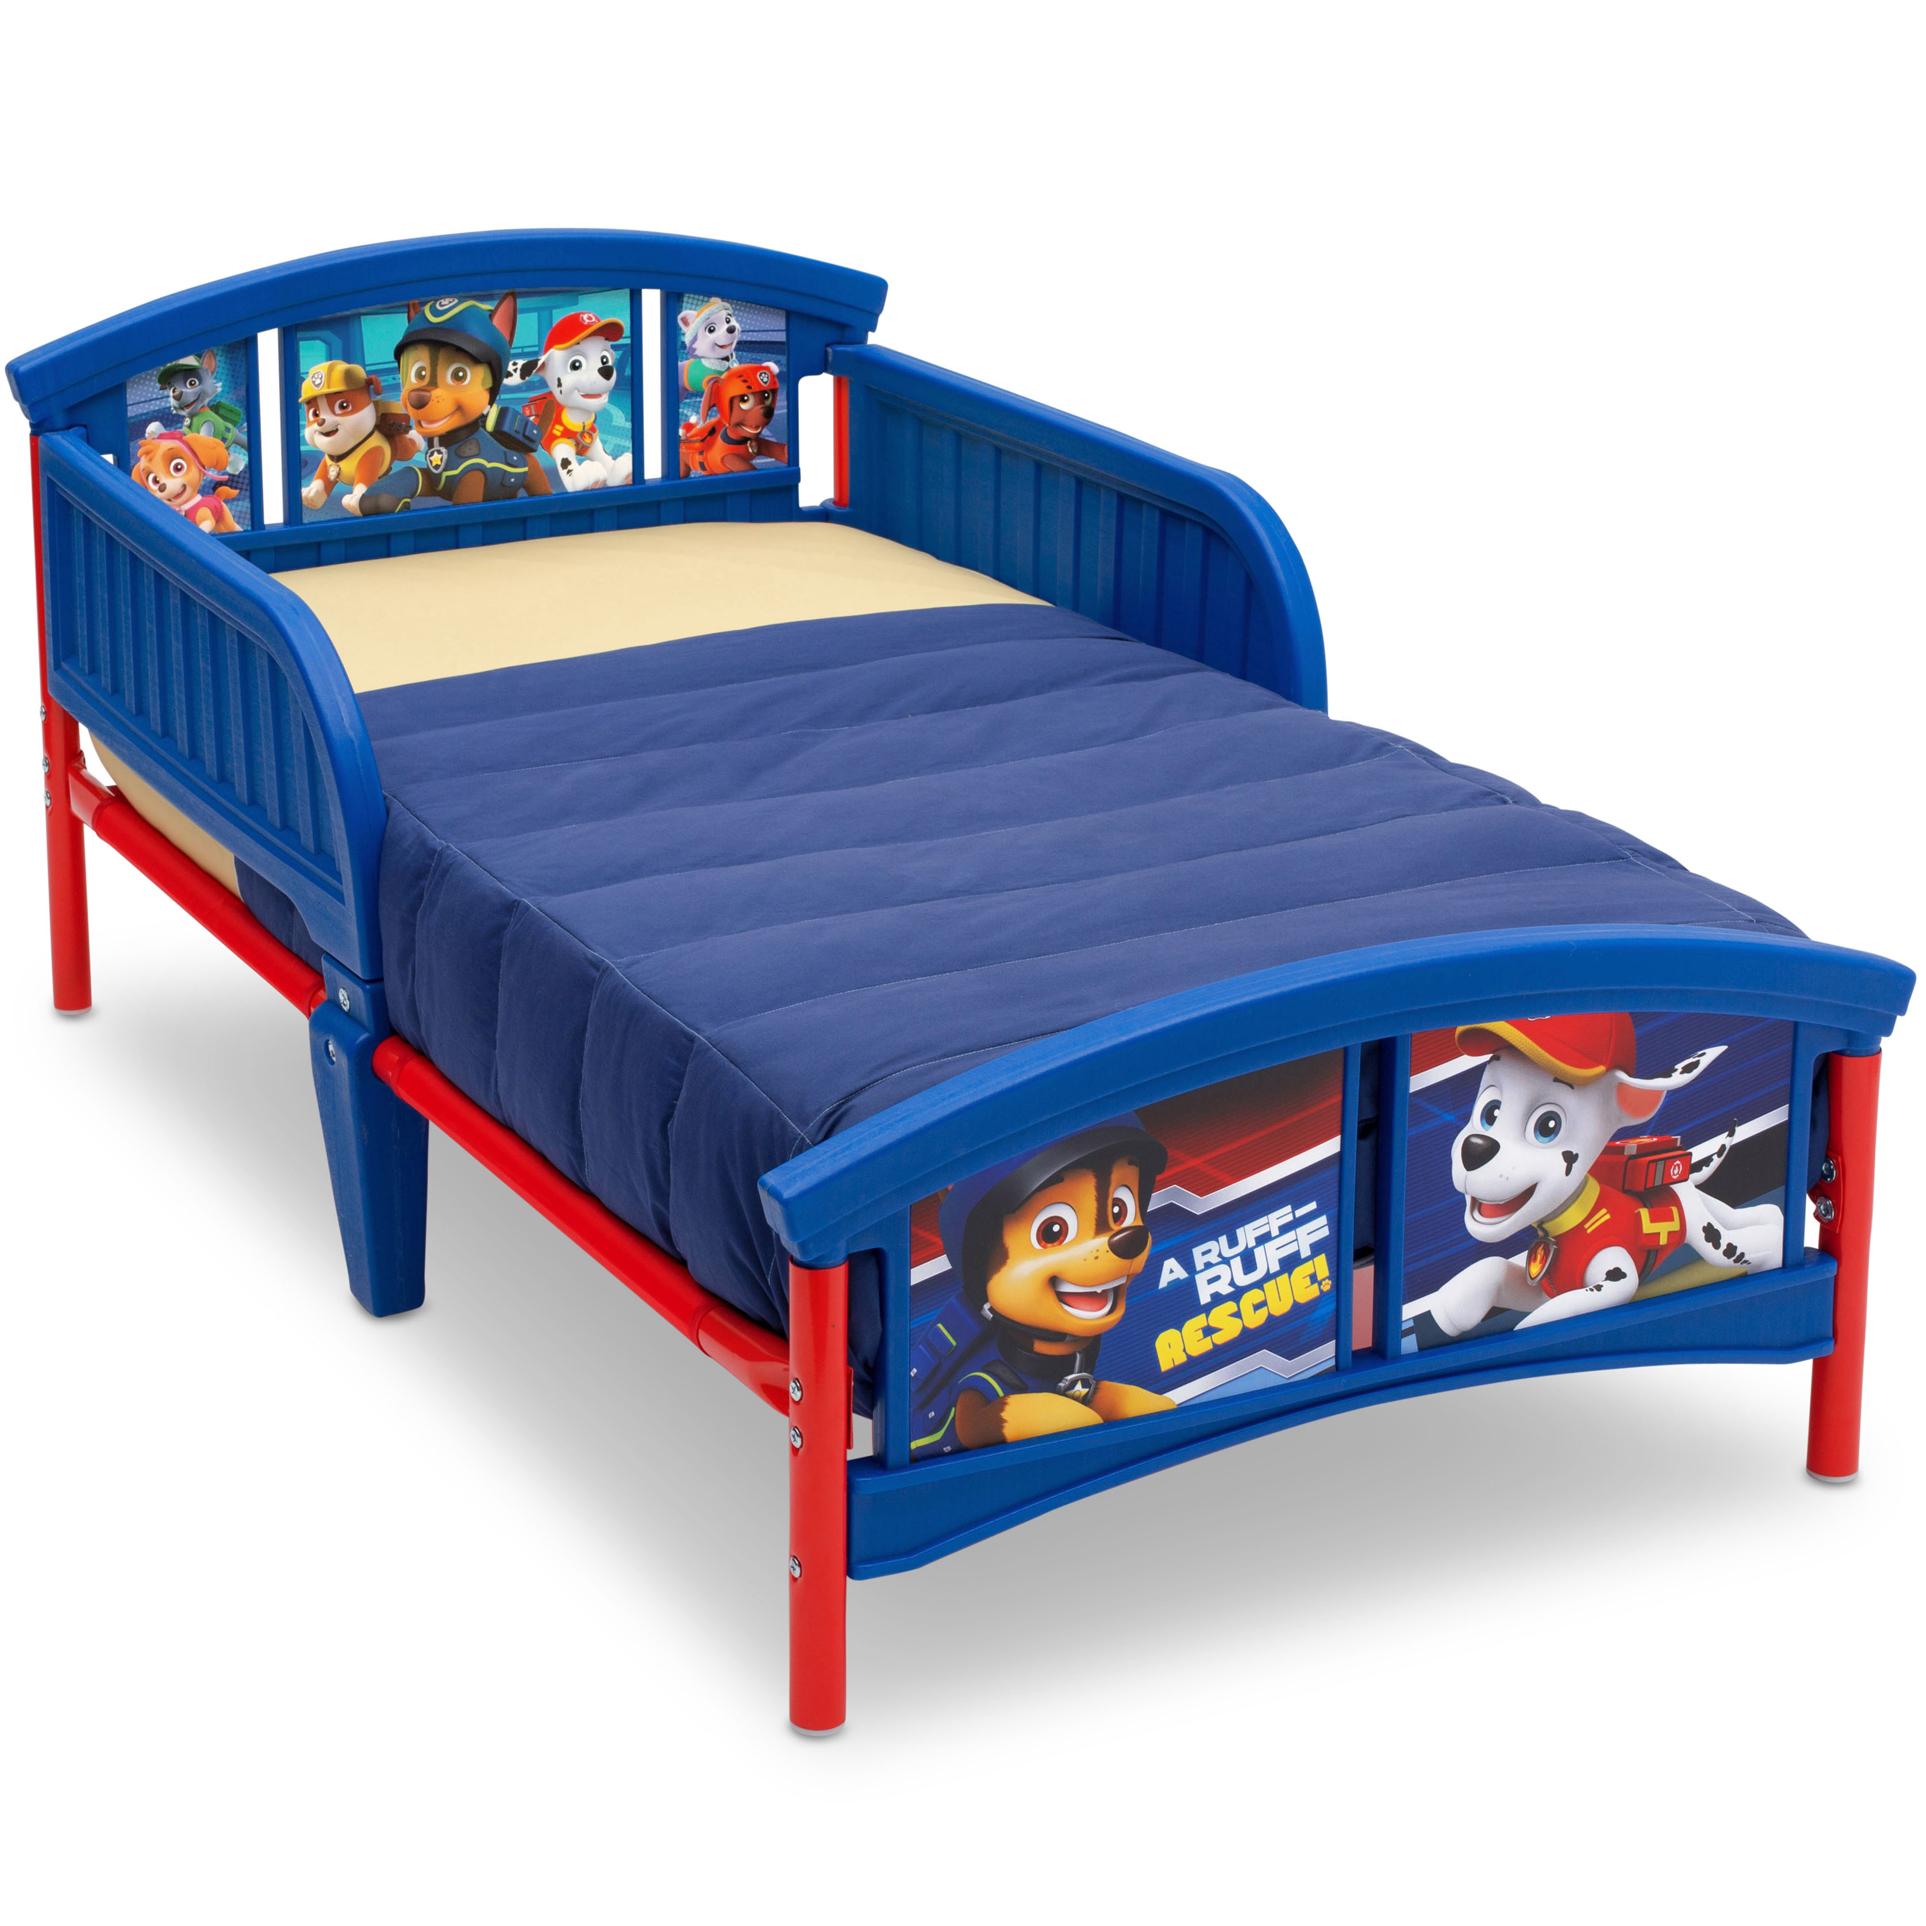 Delta Children Nick Jr. PAW Patrol Plastic Toddler Bed, Blue - Traveller Location